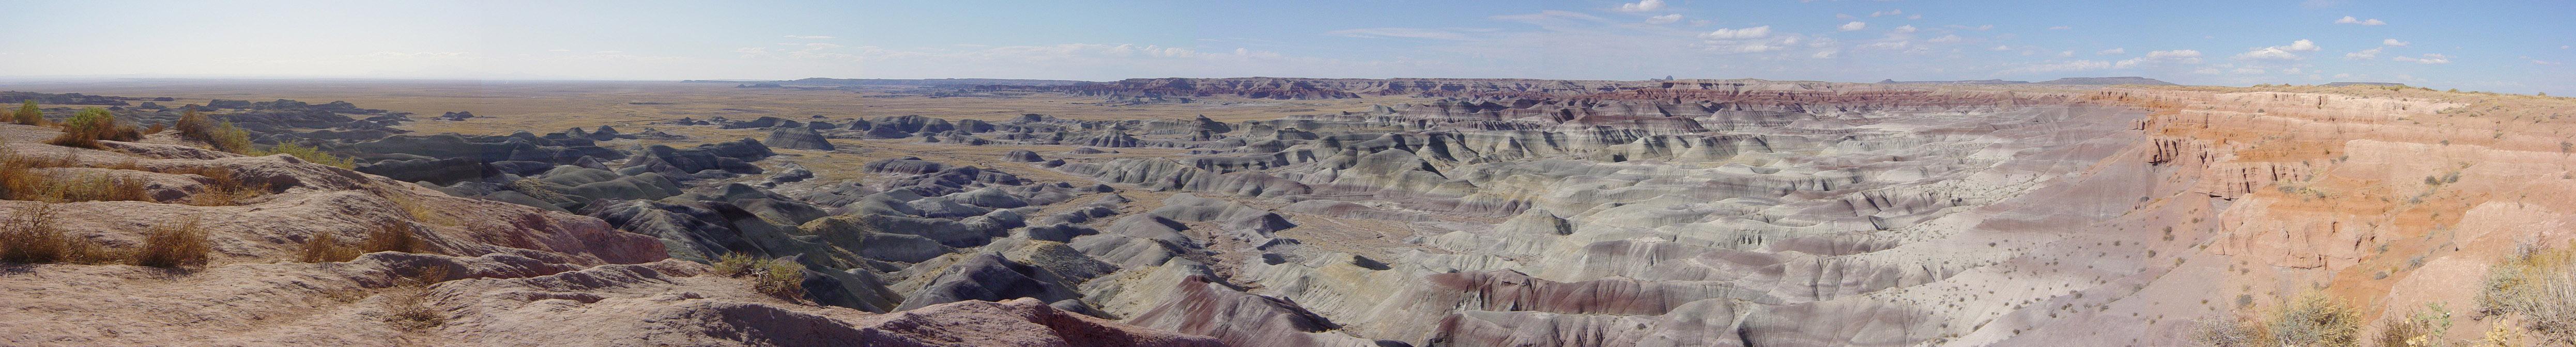 panorama peinted desert